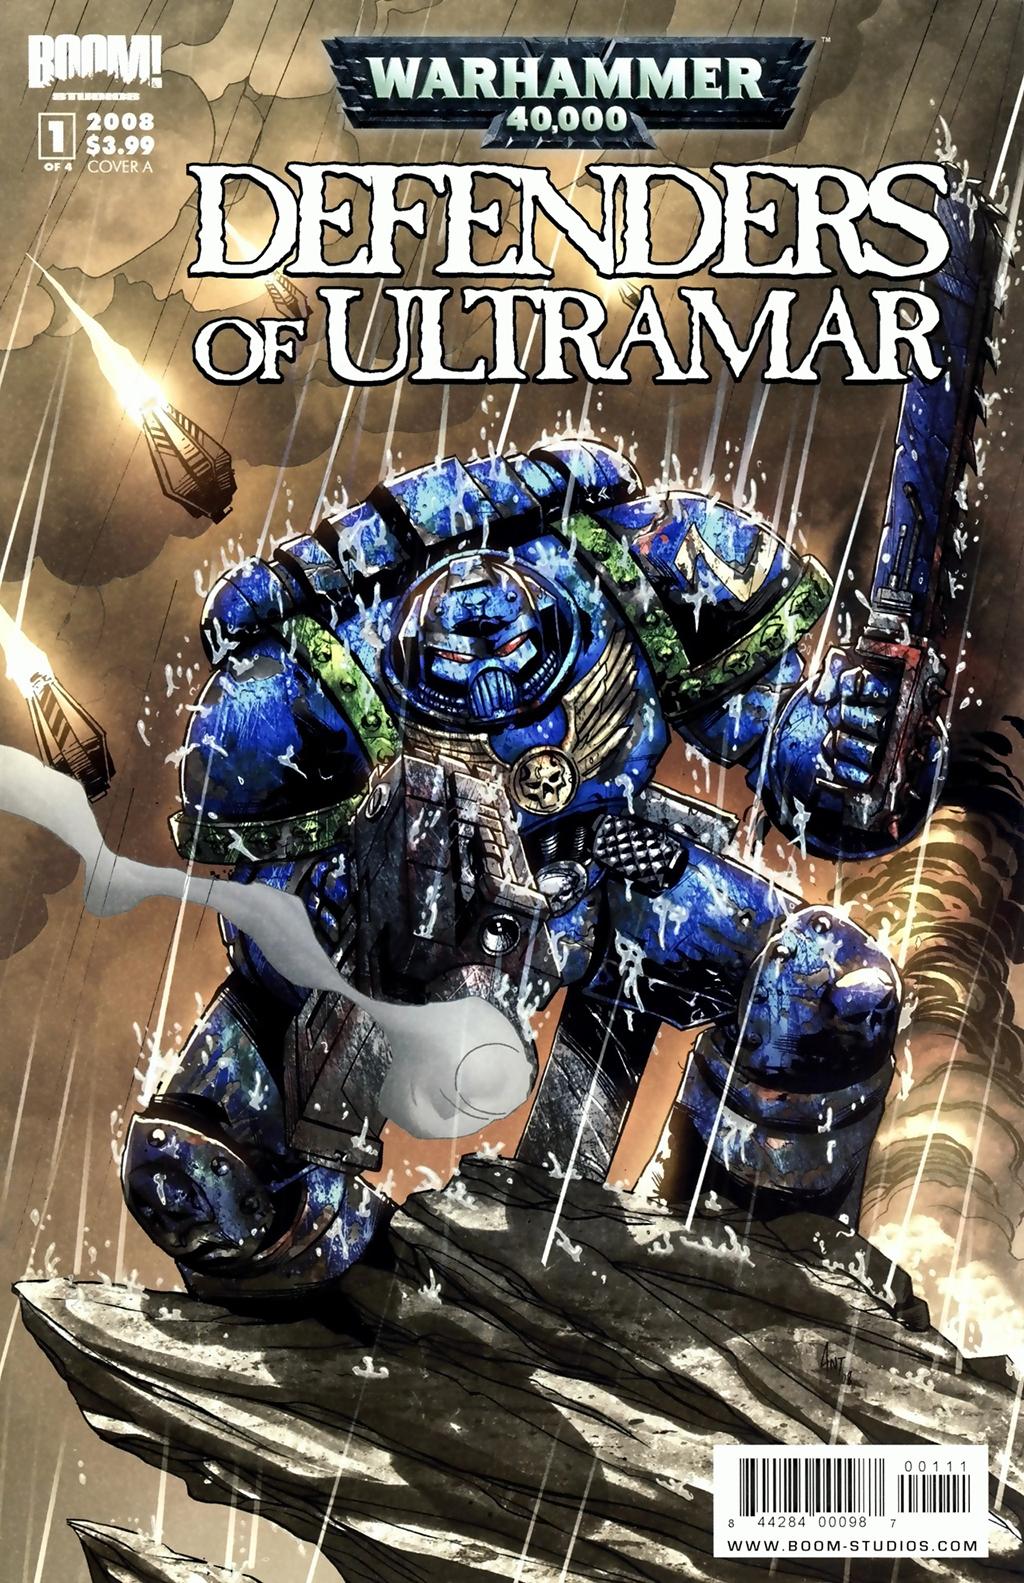 Комикс Вархаммер 40000 Защитники Ультрамара